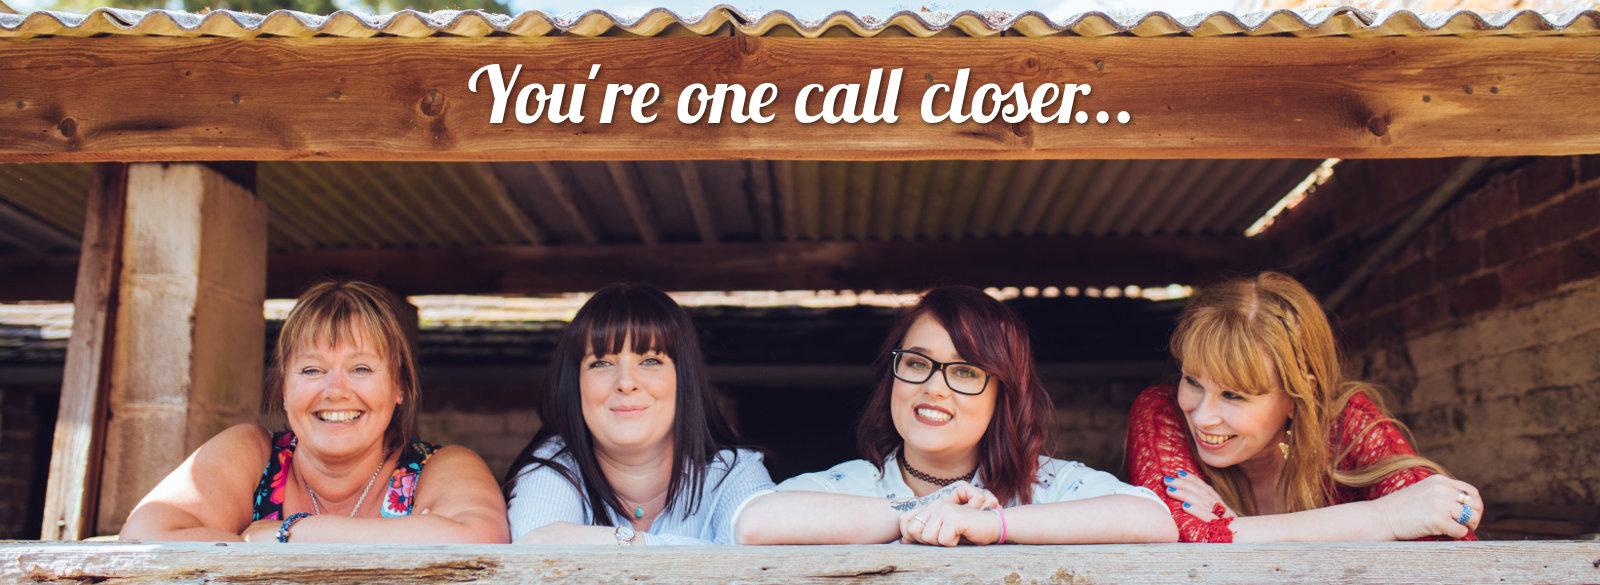 You're one call closer